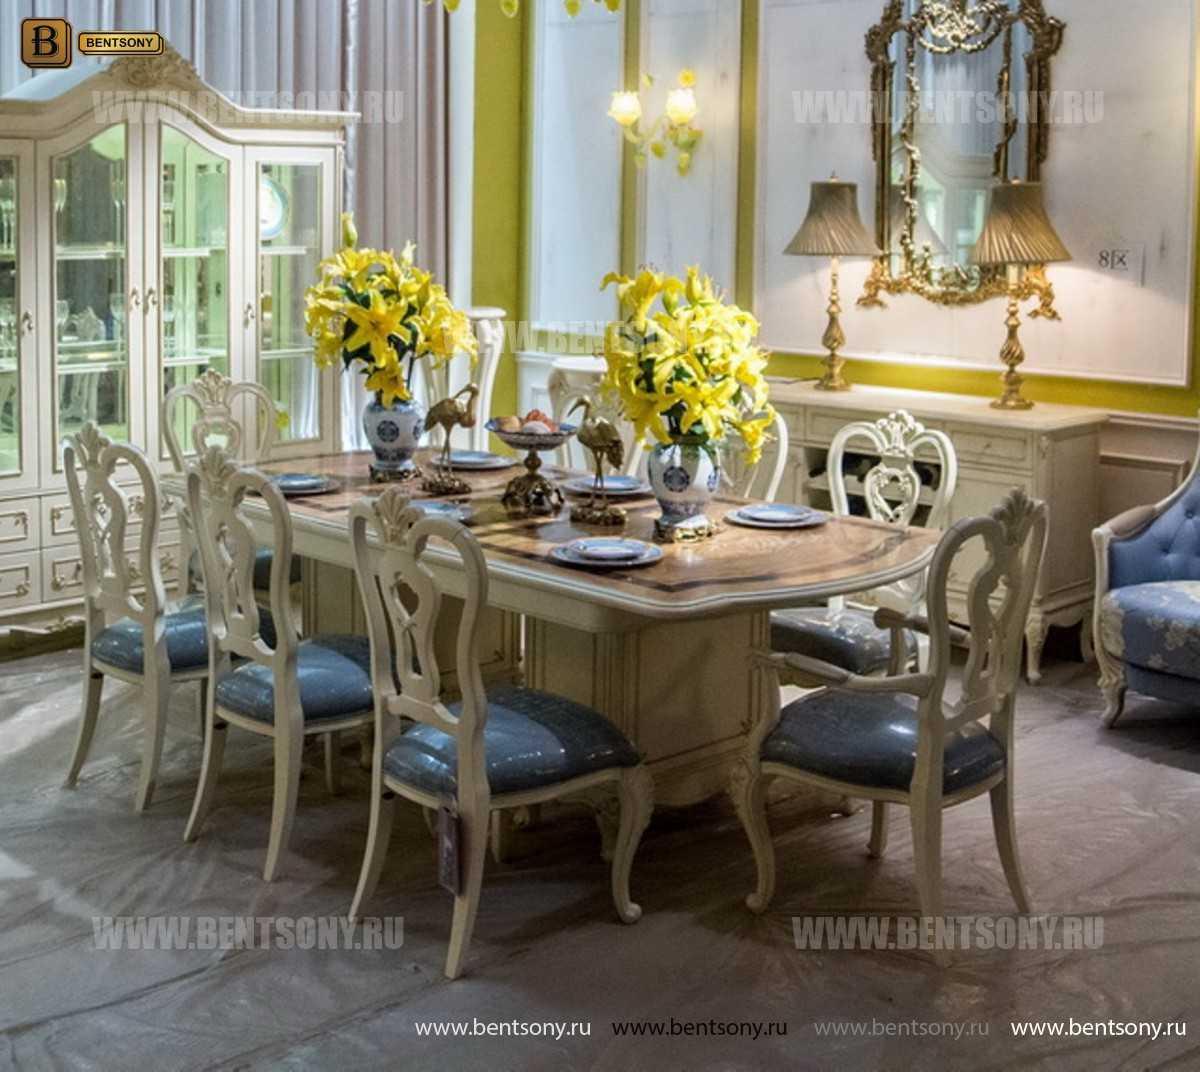 Стол обеденный Митчел раздвижной (массив дерева) каталог мебели